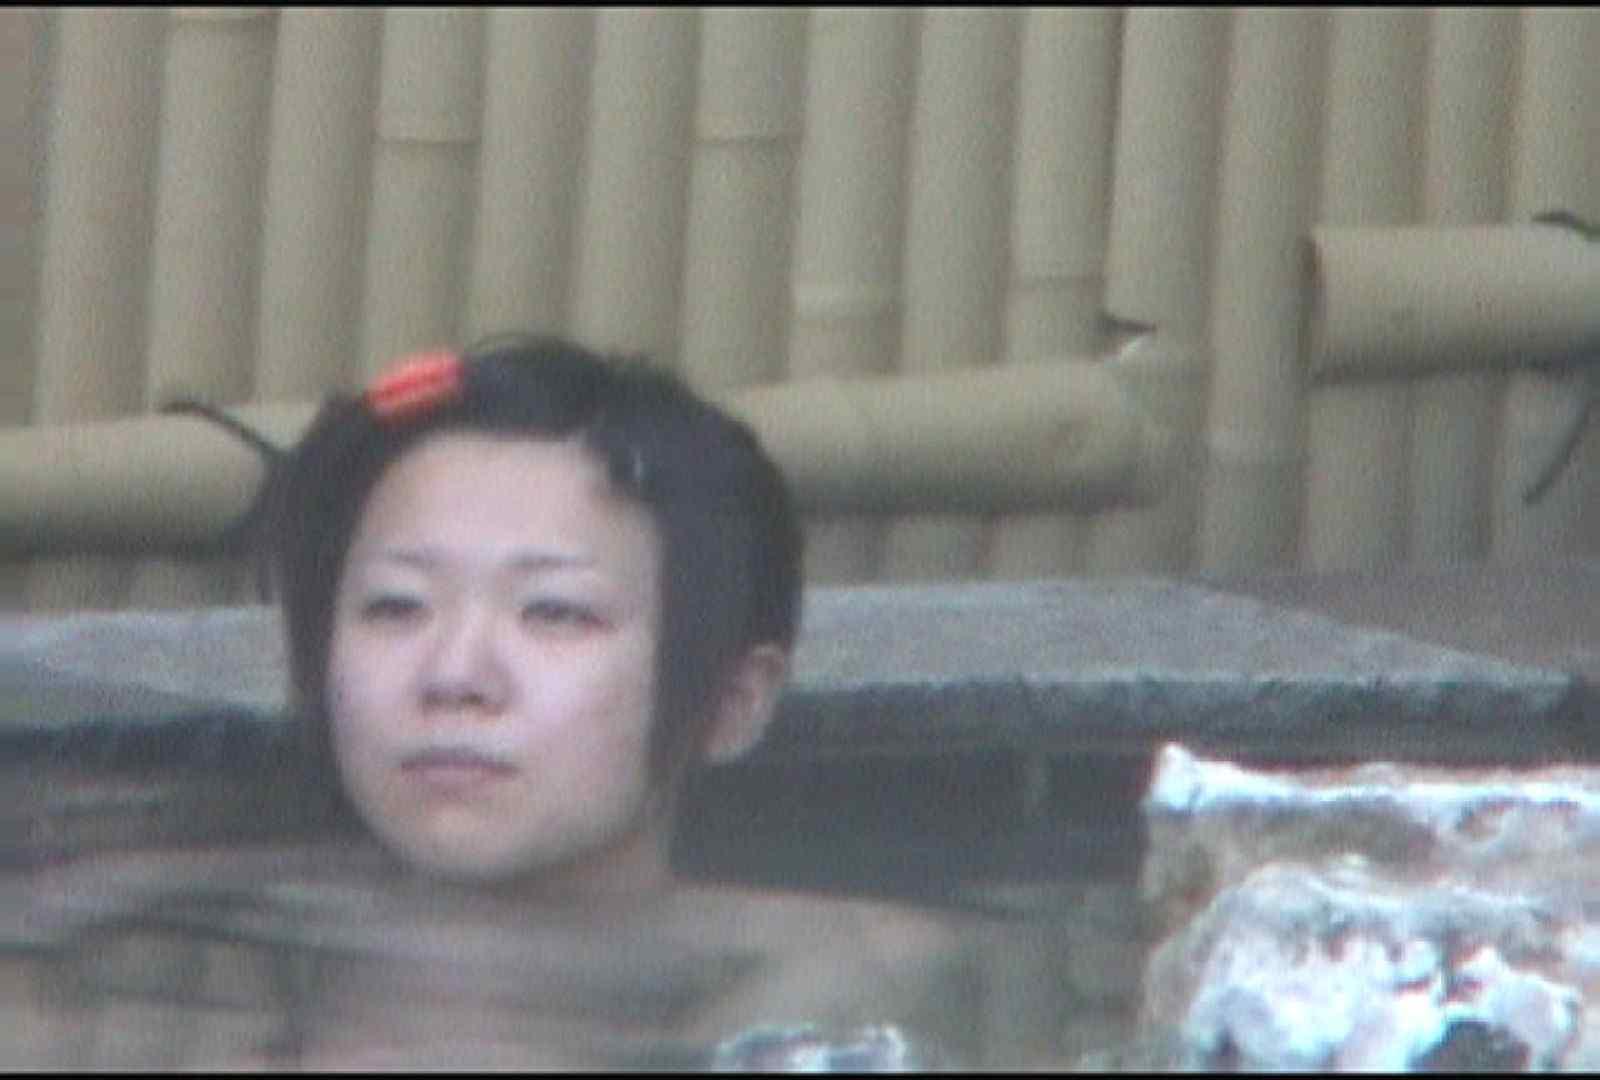 Aquaな露天風呂Vol.175 OLのエロ生活  71連発 39